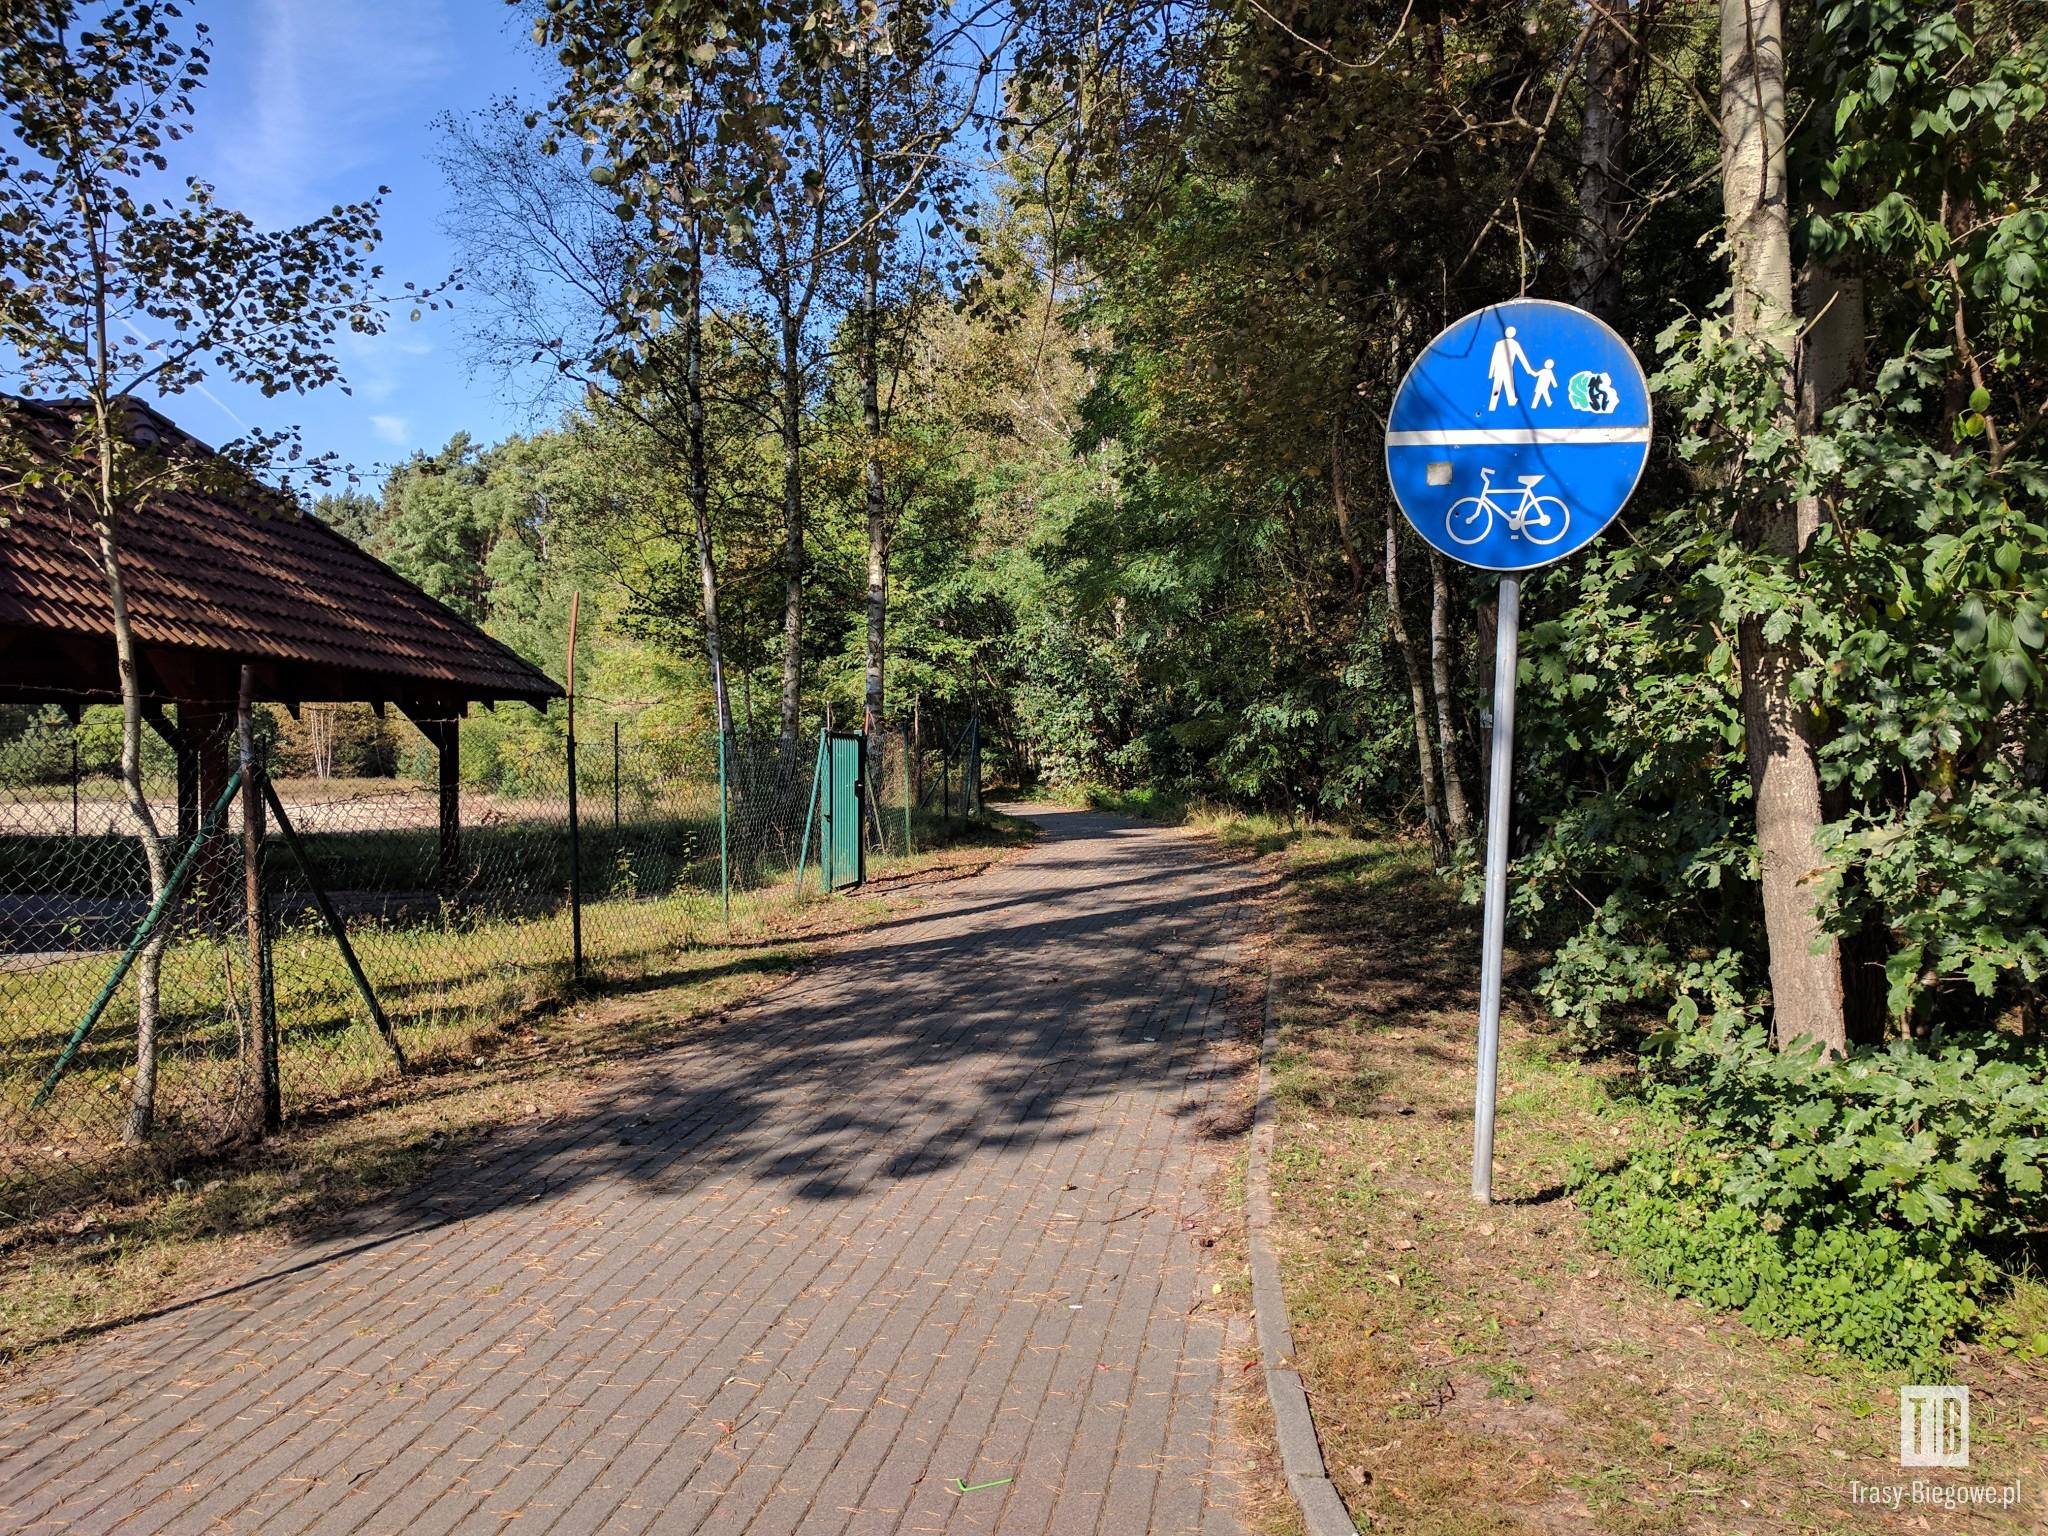 II Zielonogórski Bieg Górski – Rollercoaster 10k (10,1 km)